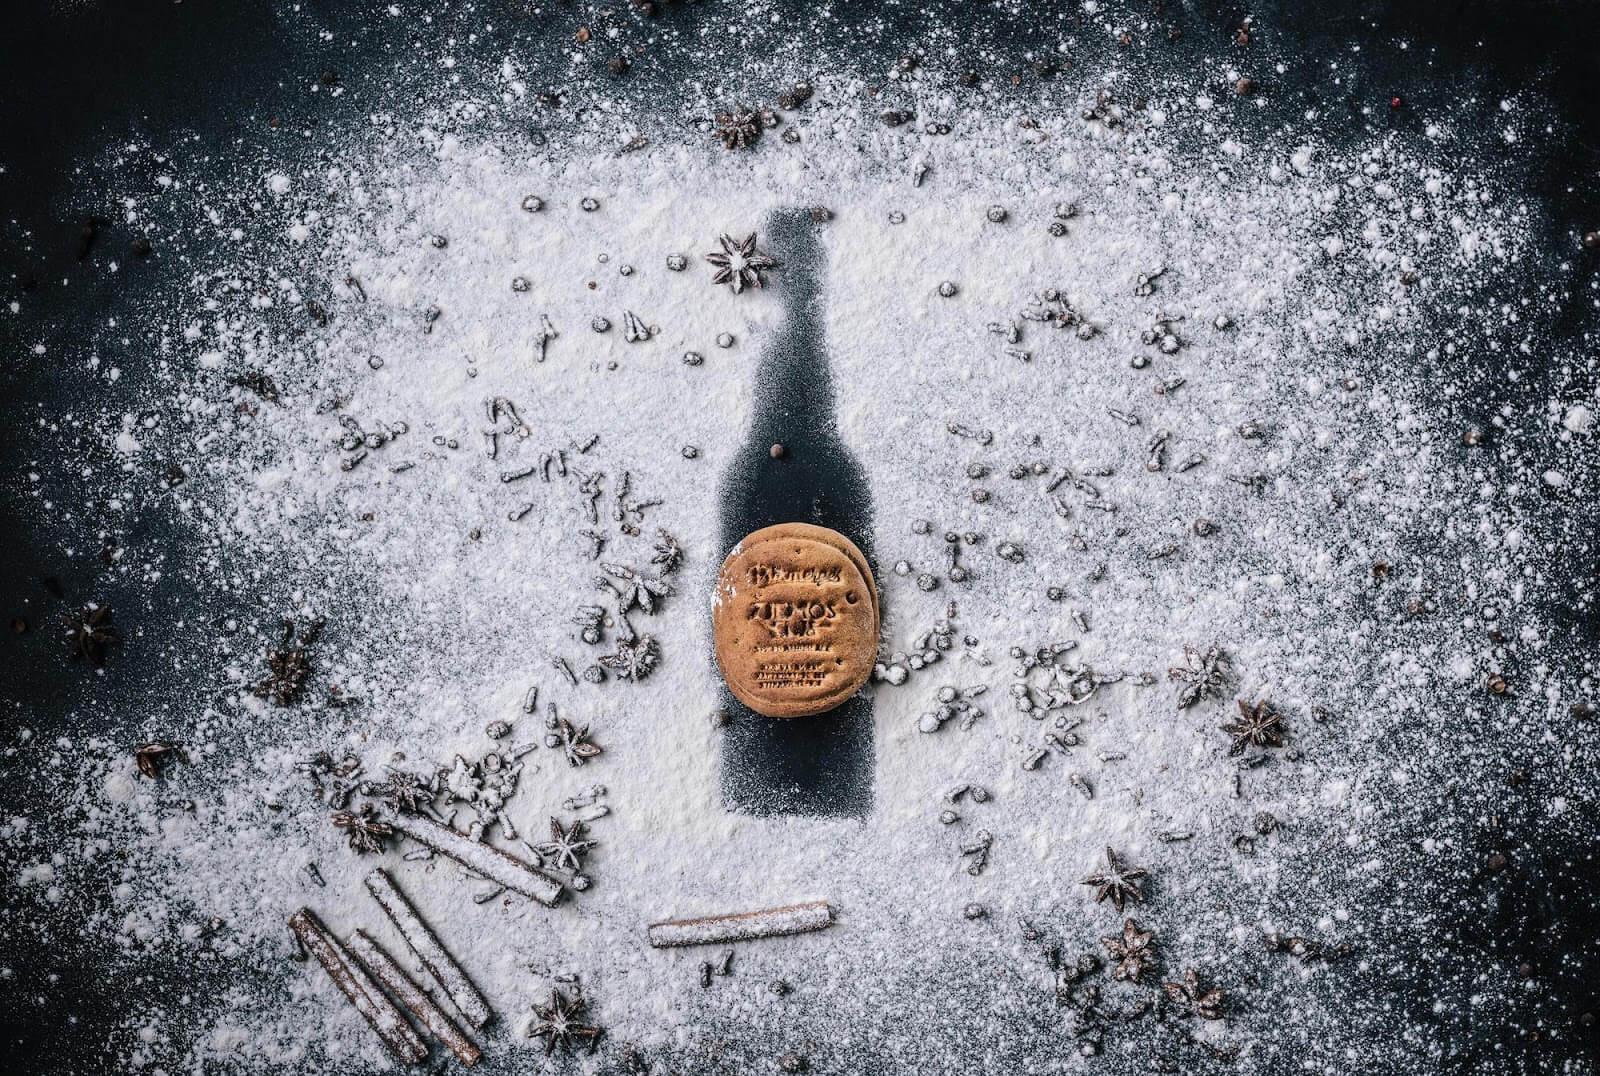 Vilkmerges Alus — Žiemos Elis